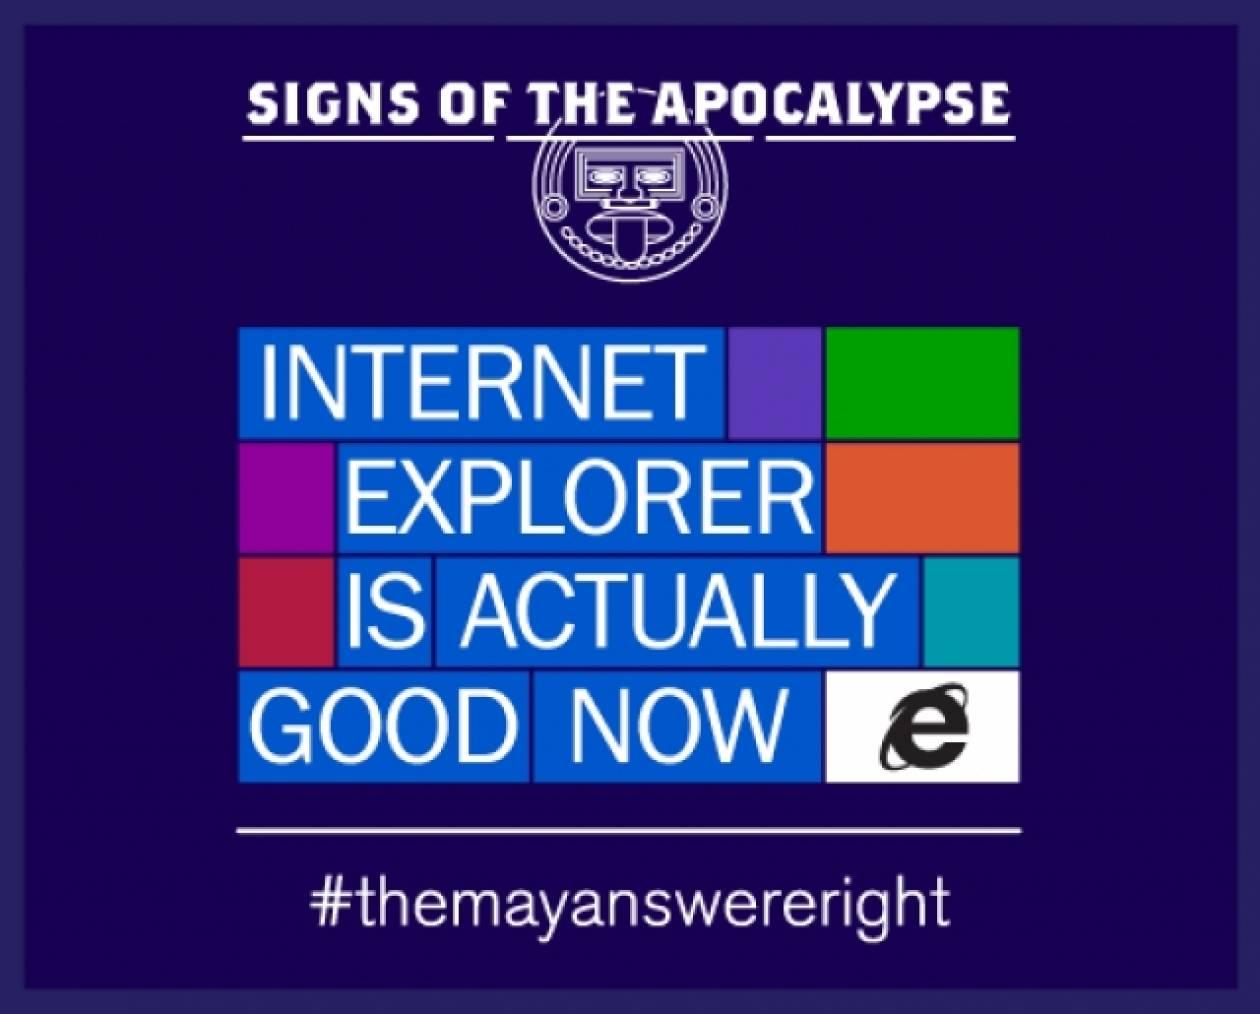 «Οι Μάγιας είχαν δίκιο, έρχεται το τέλος του κόσμου», λέει η Microsoft